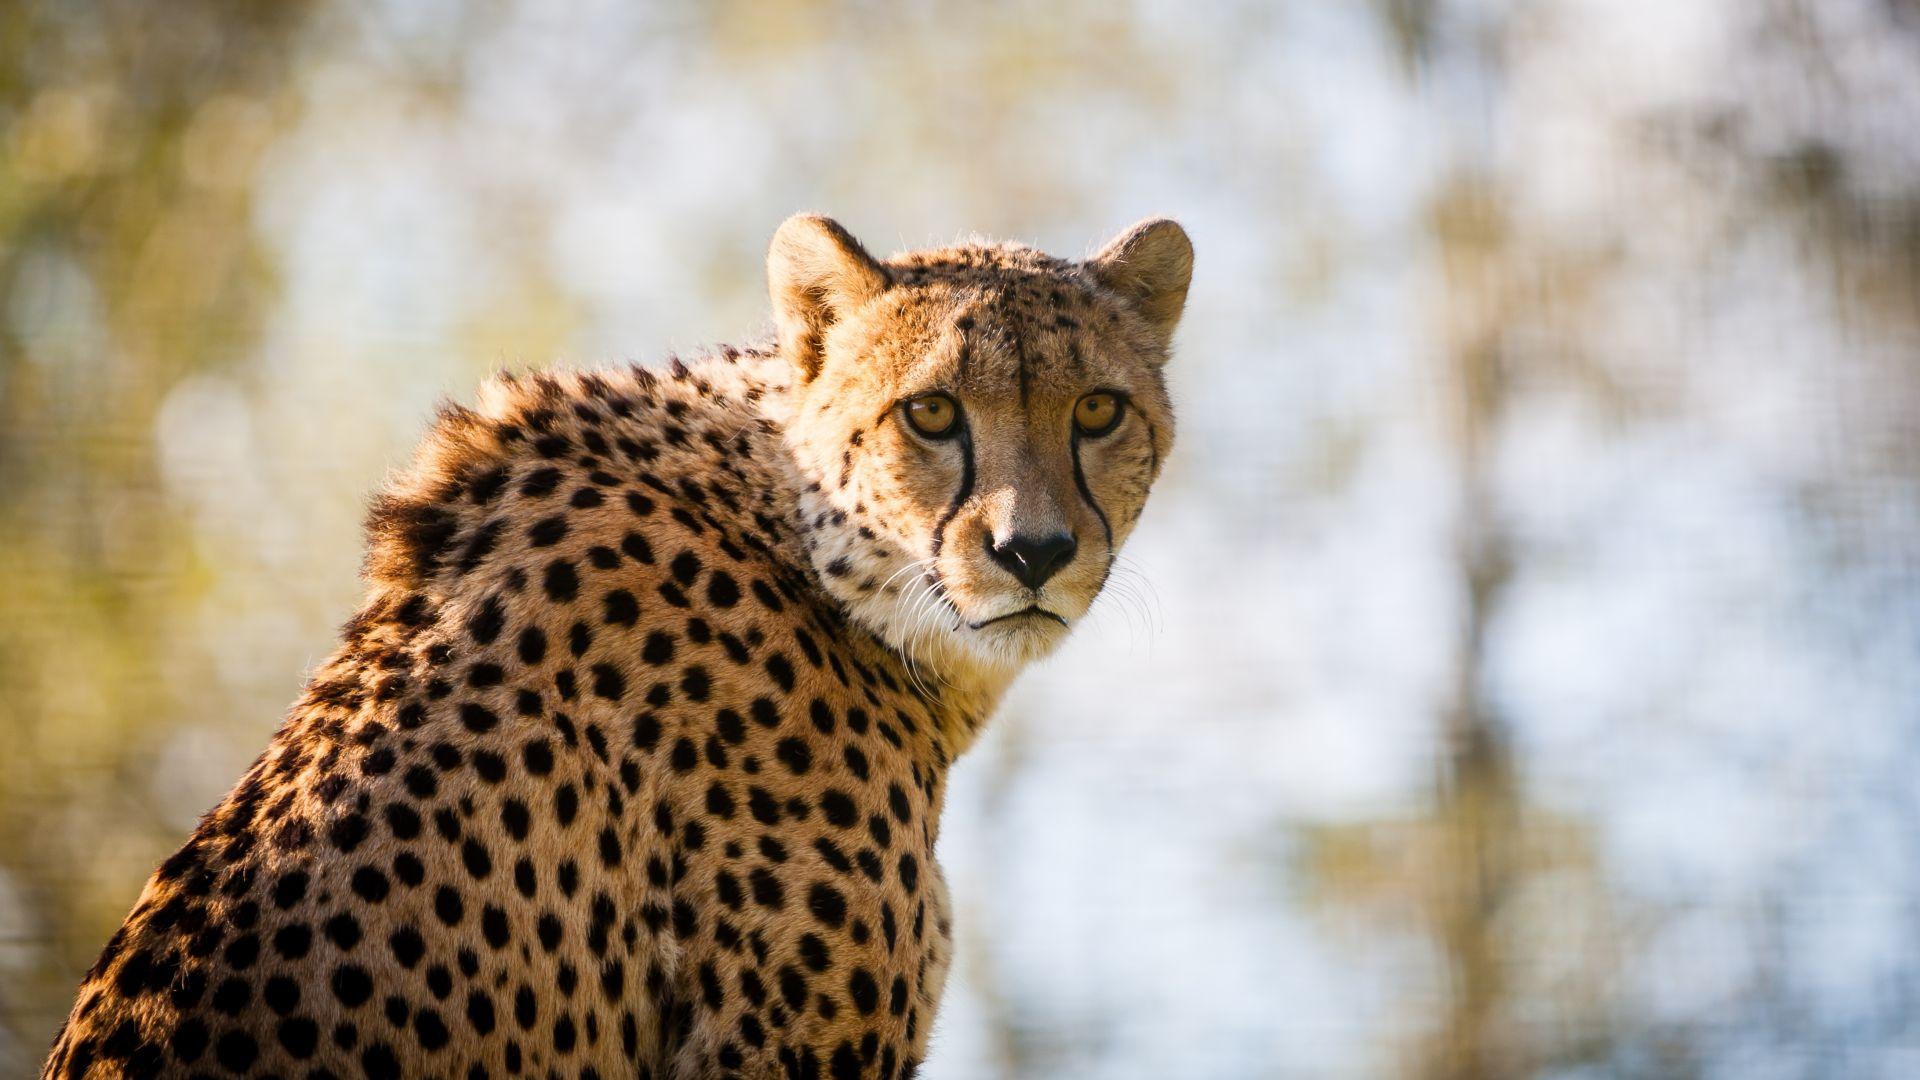 Wallpaper Cheetah predator big cat spotted